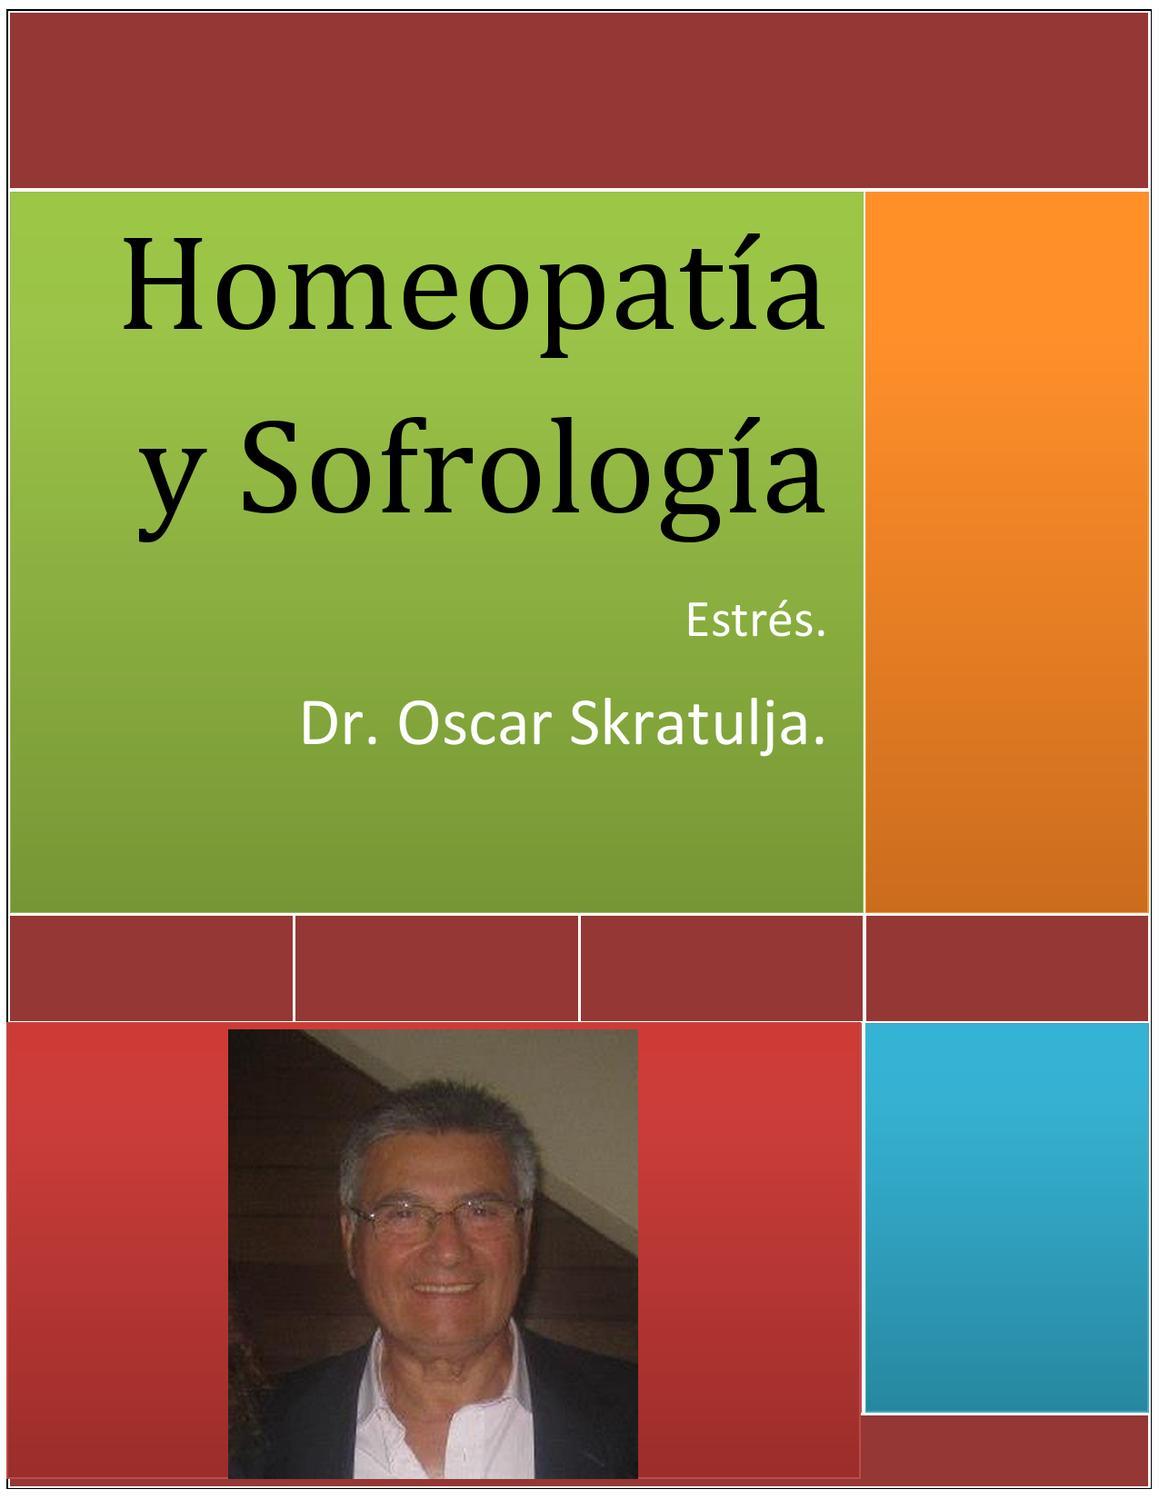 Homeopatia insomnio despertar precoz